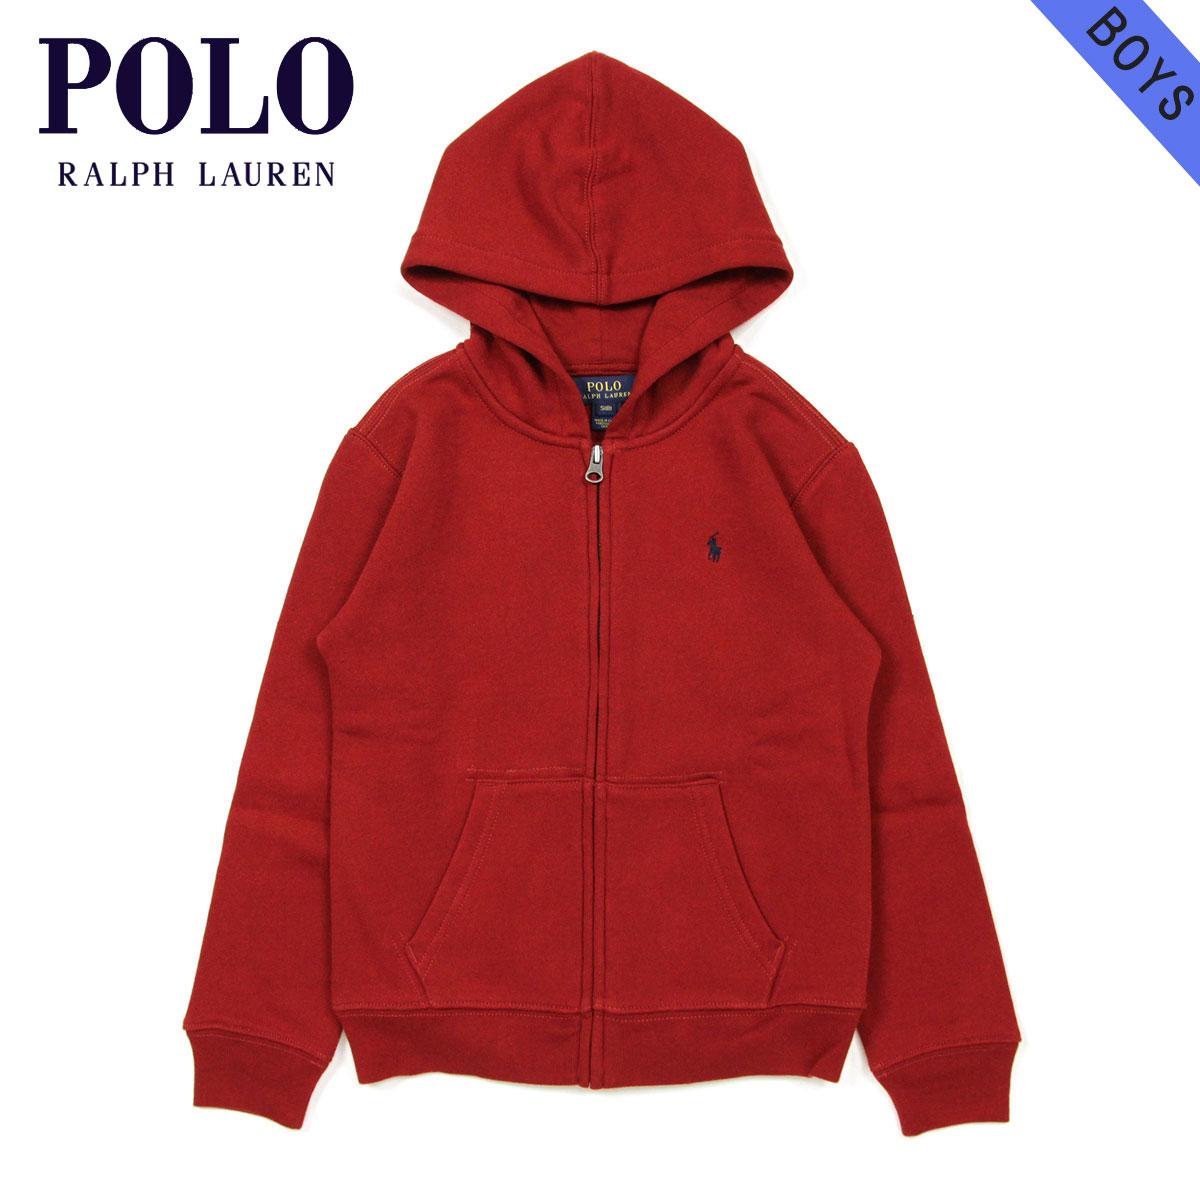 6fb1a9415 Polo Ralph Lauren kids POLO RALPH LAUREN CHILDREN regular article  children s clothes Boys zip up parka ZIP UP PARKA